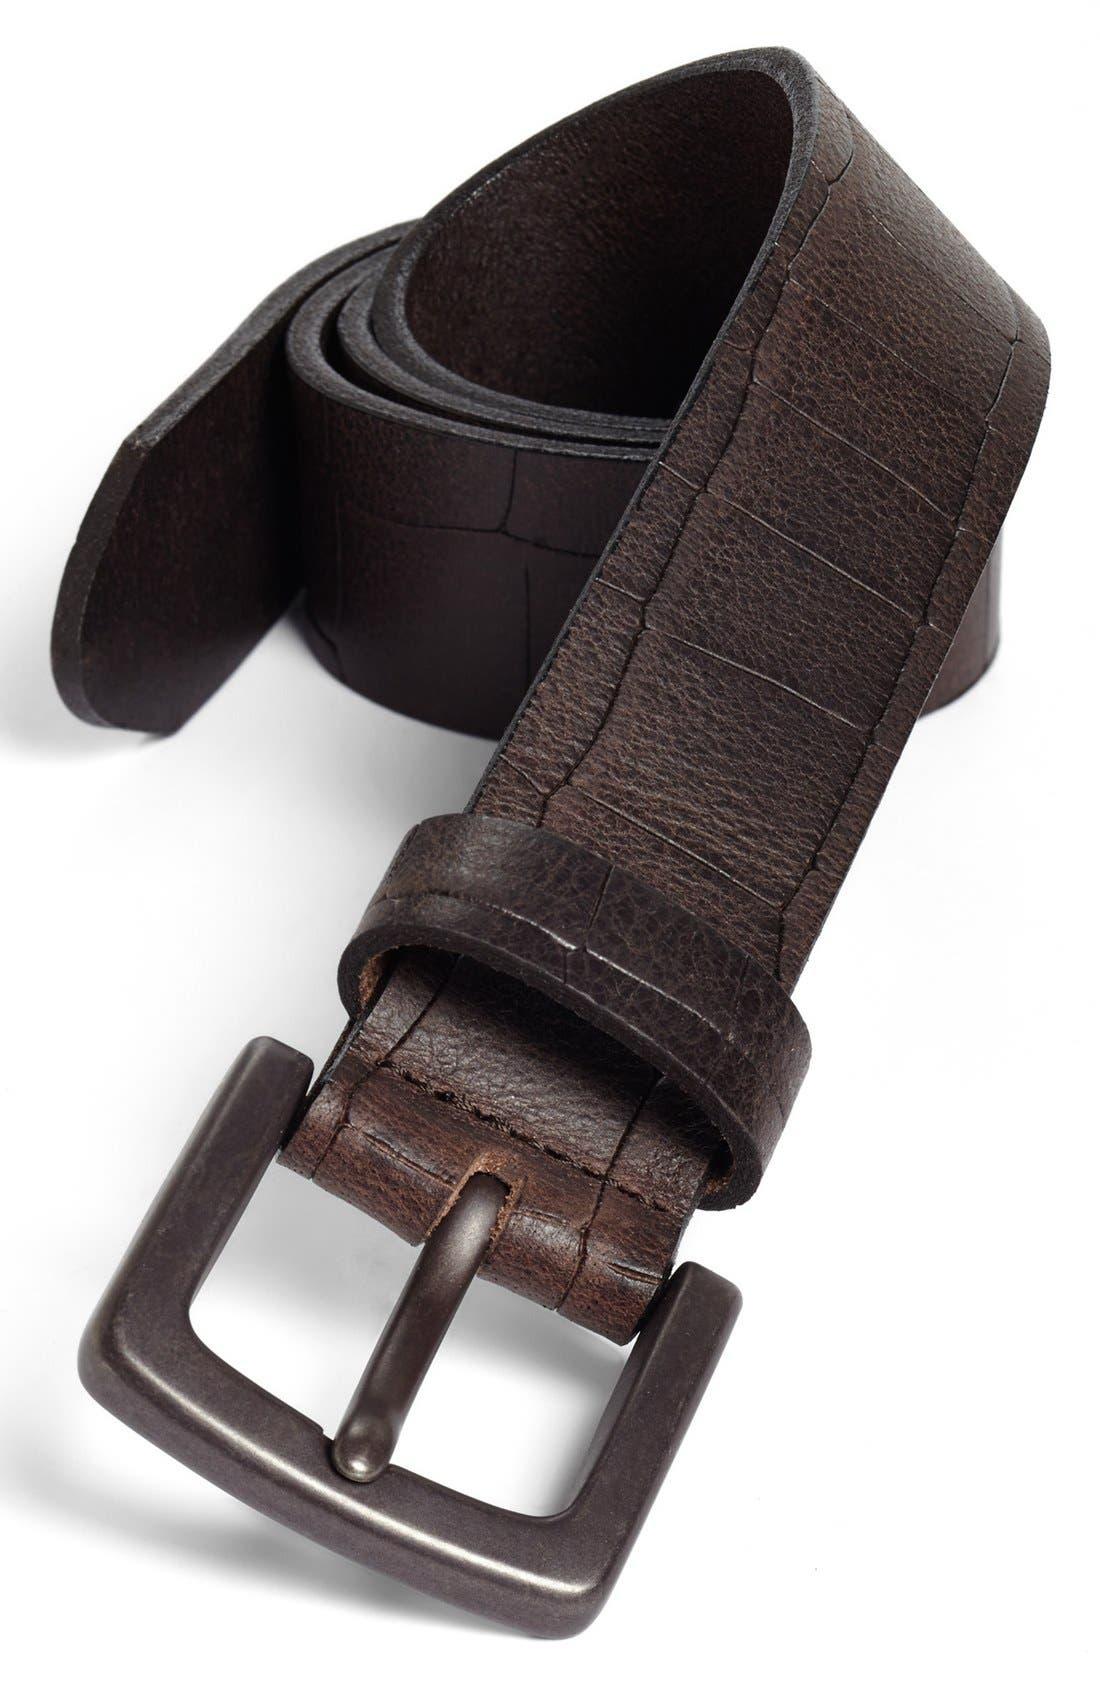 Bosca Gator Embossed Belt, Dark Brown